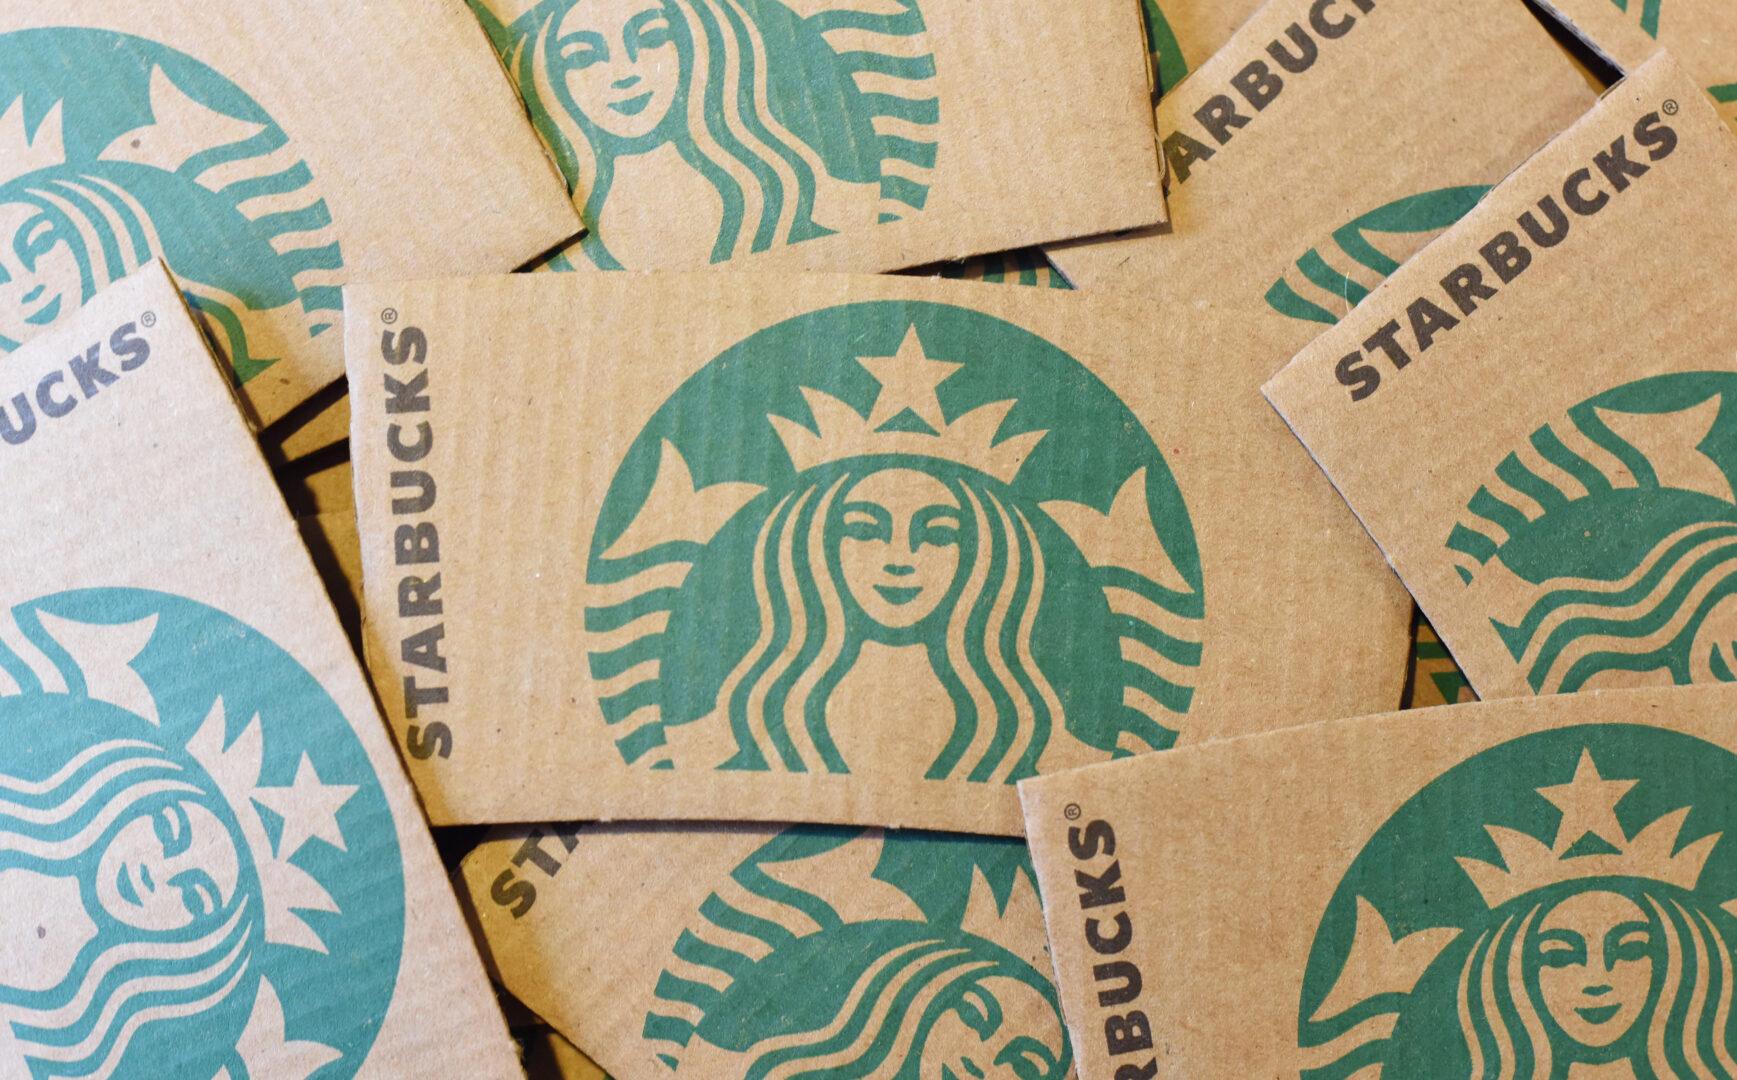 Starbucks cup sleeves